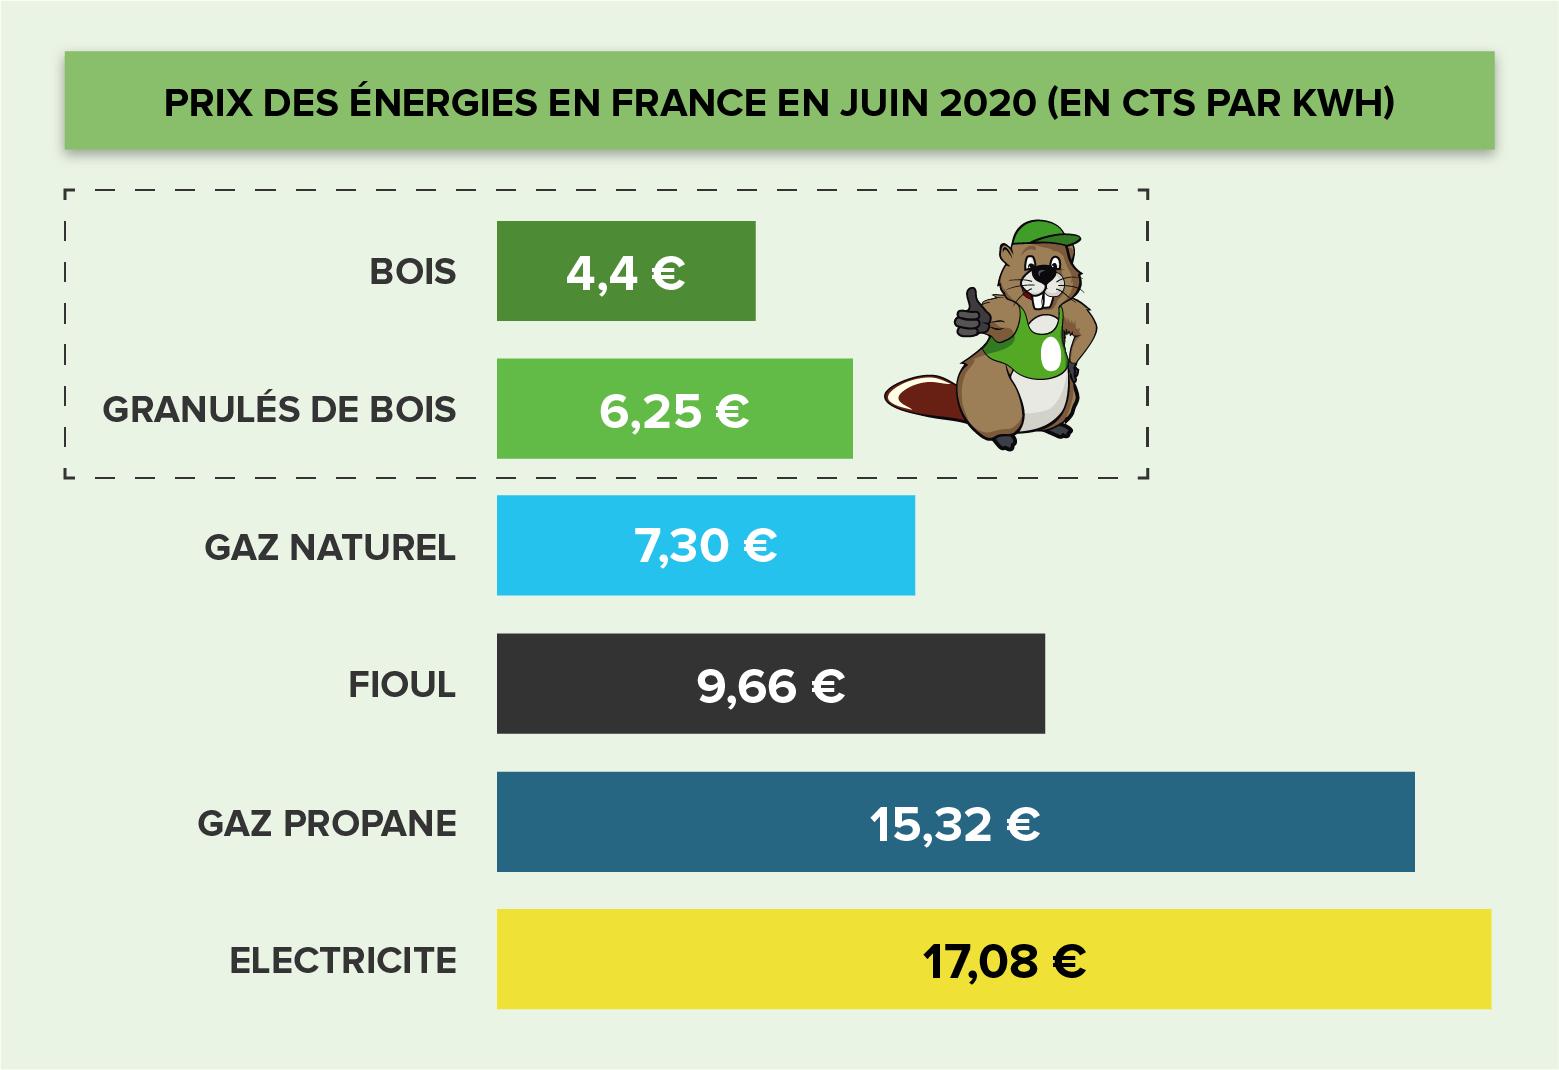 Le bois est l'énergie renouvelable la moins cher du marché